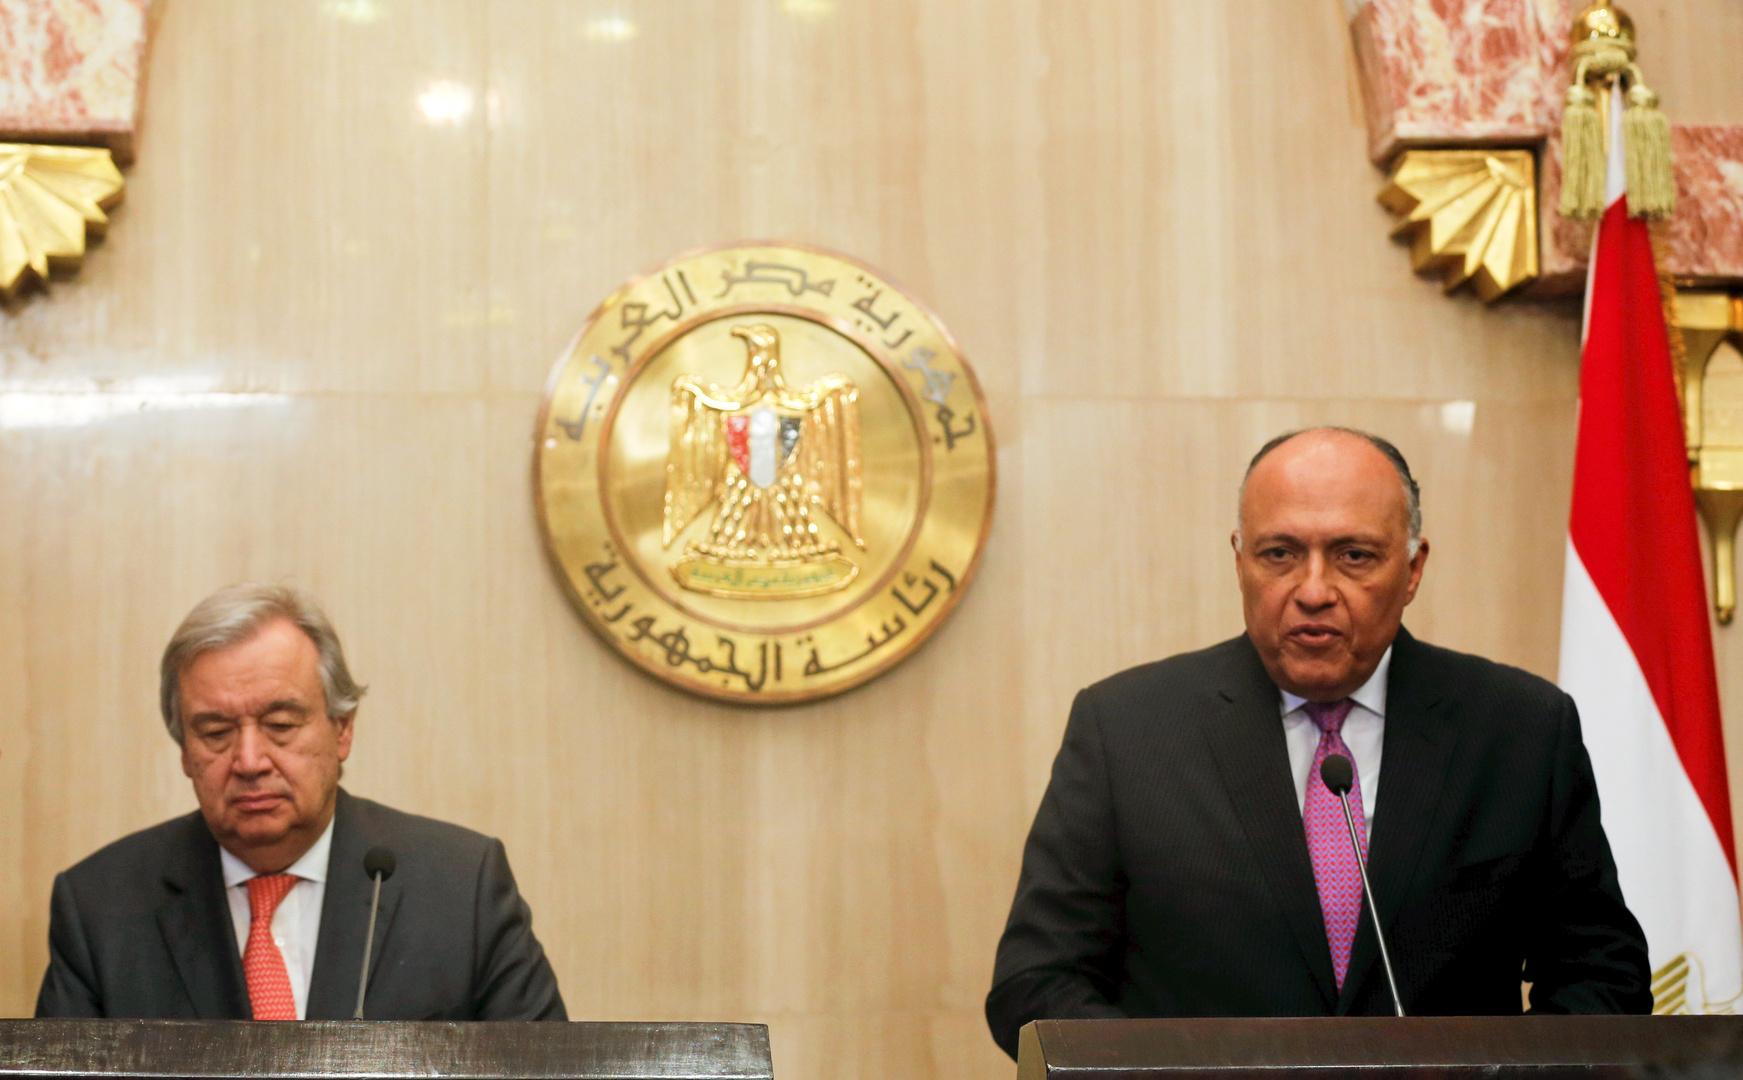 وزير الخارجية المصري، سامح شكري، والأمين العام للامم المتحدة، أنطونيو غوتيريش (أرشيف).